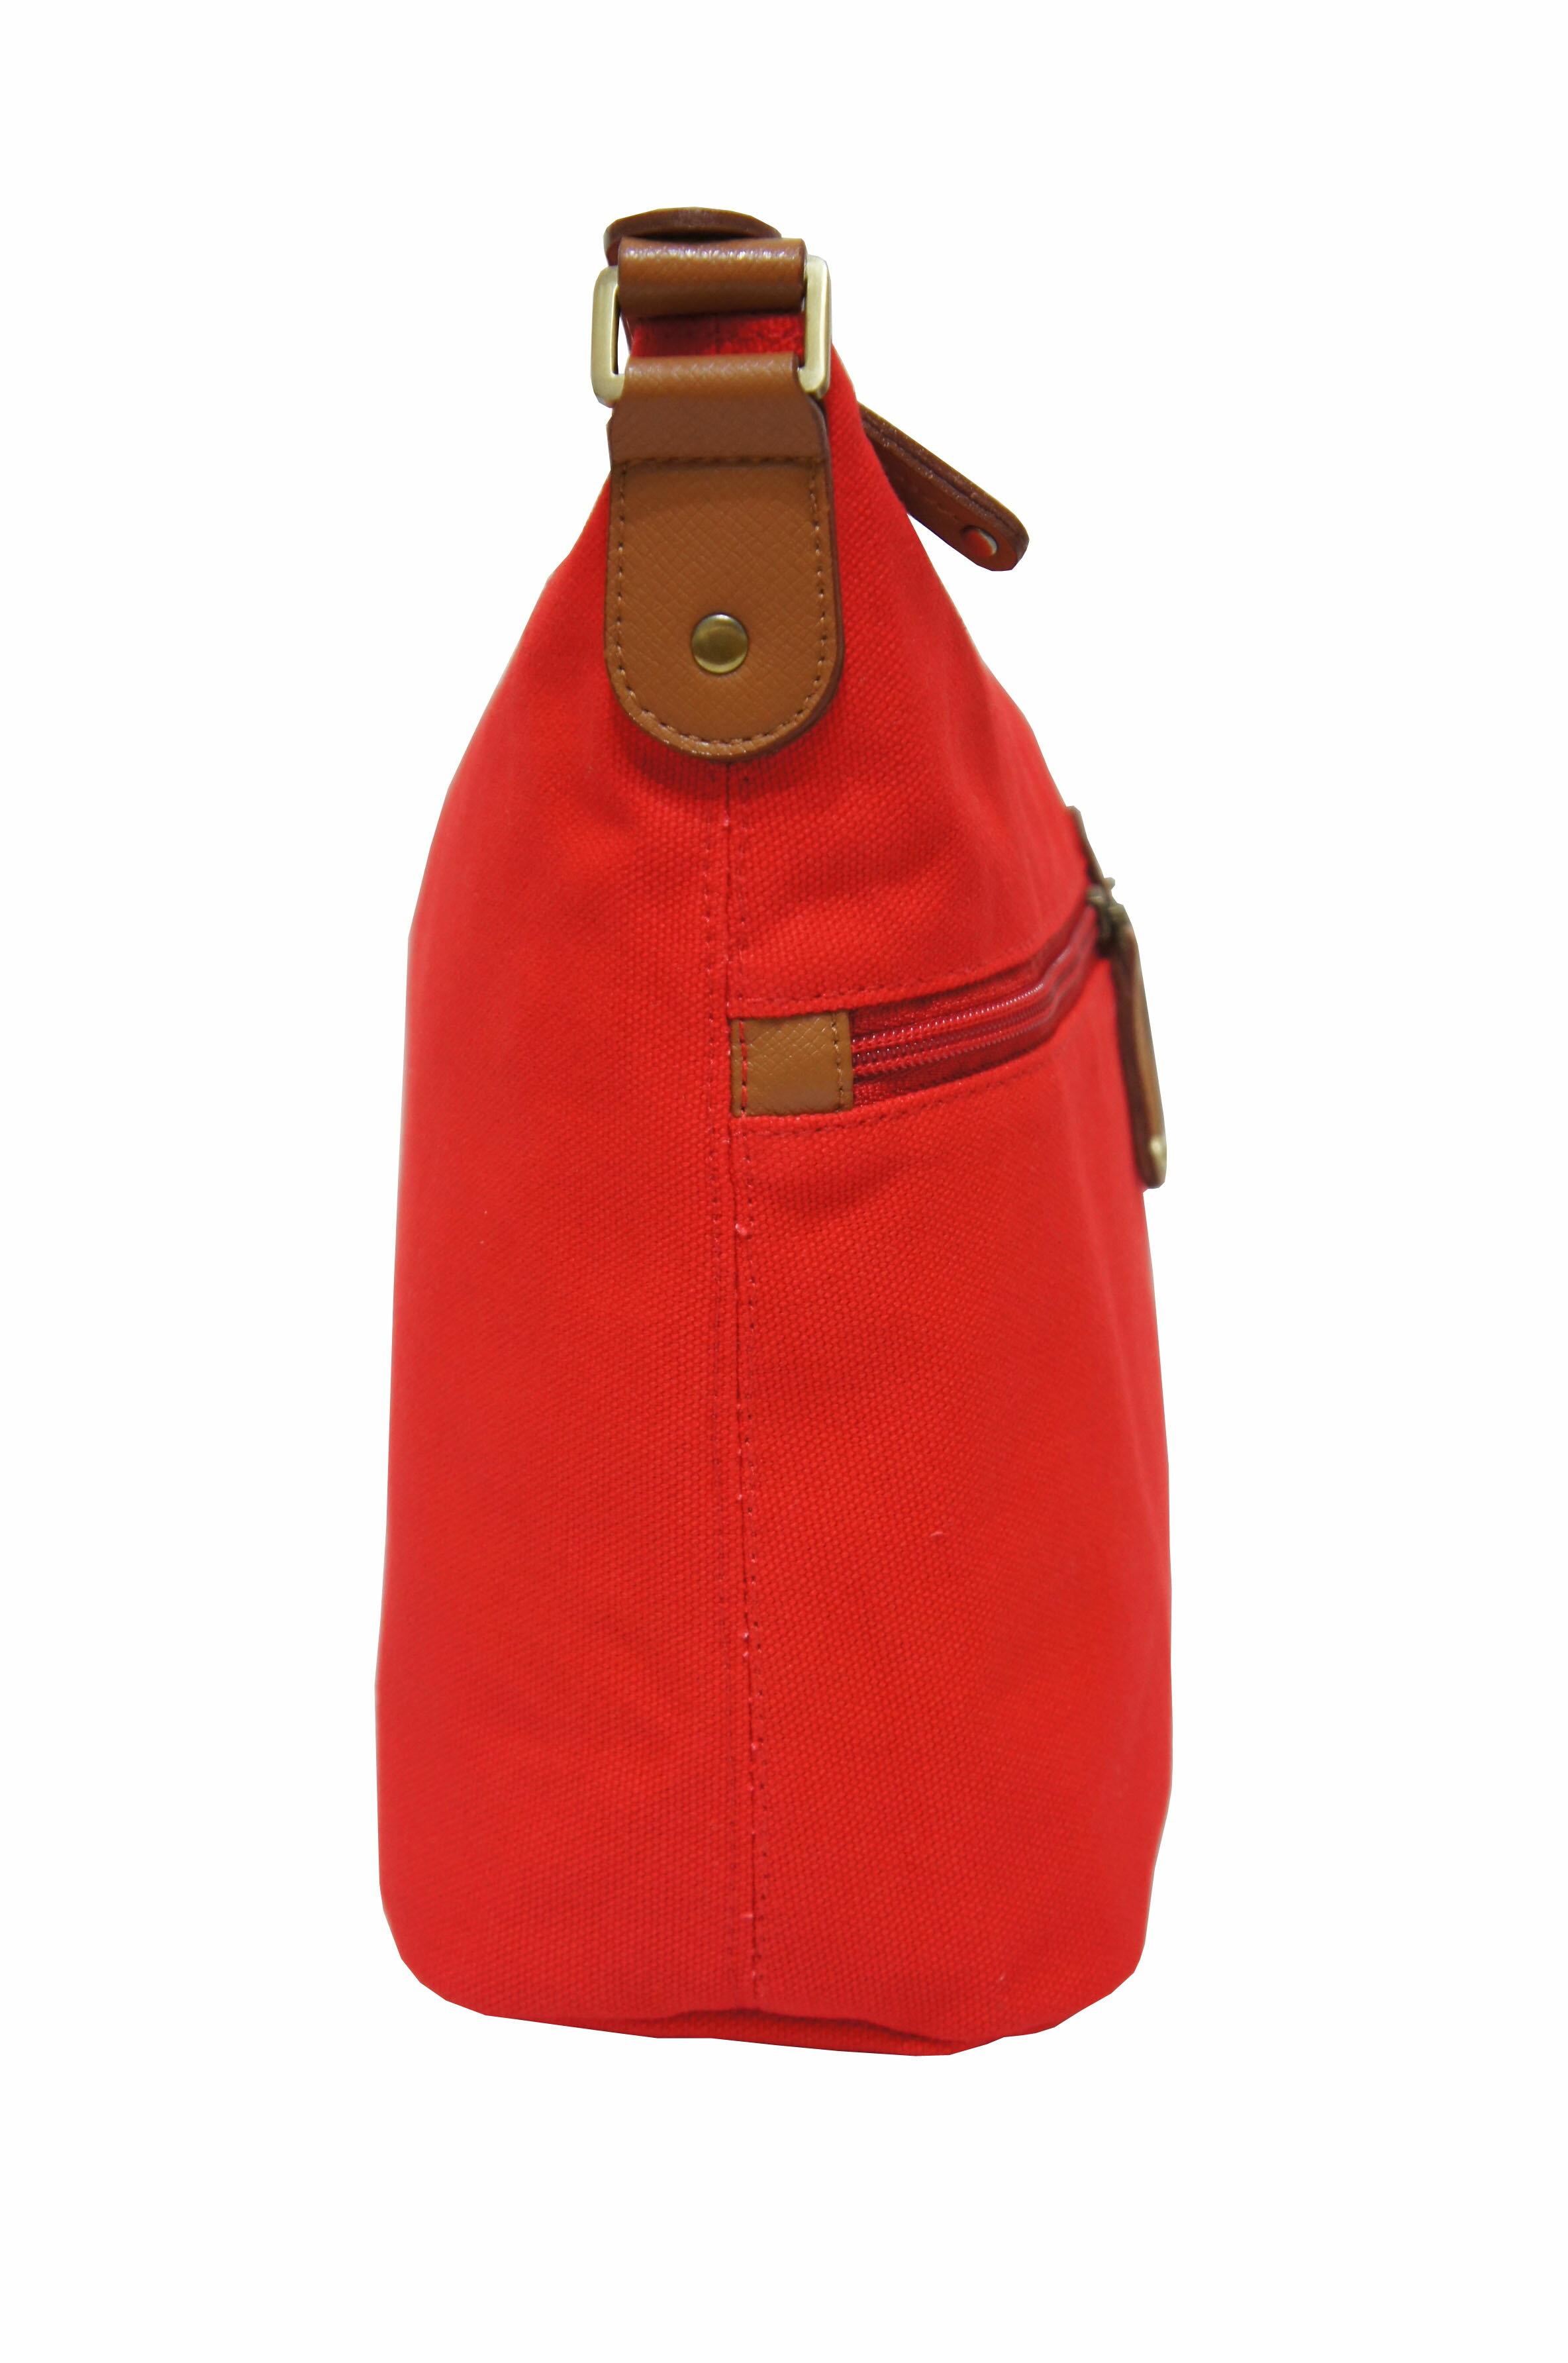 CP024帆布手提肩背包共2色 紅 / 馬卡龍綠 1